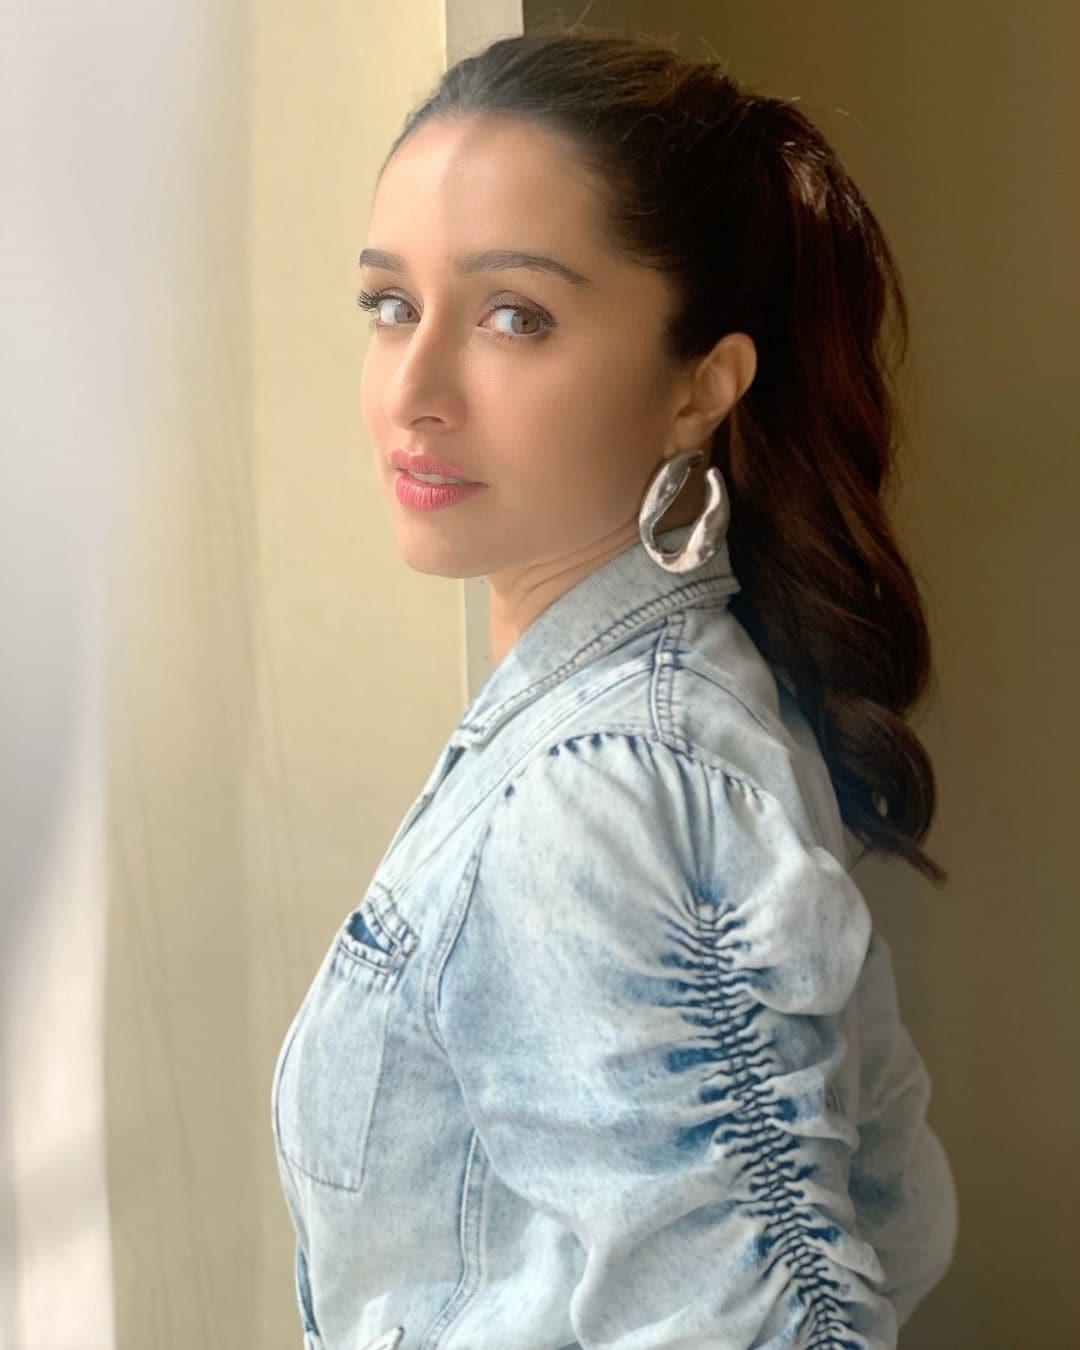 శ్రద్ధా కపూర్ హాట్ ఫోటోస్ Photo: Instagram.com/shraddhakapoor